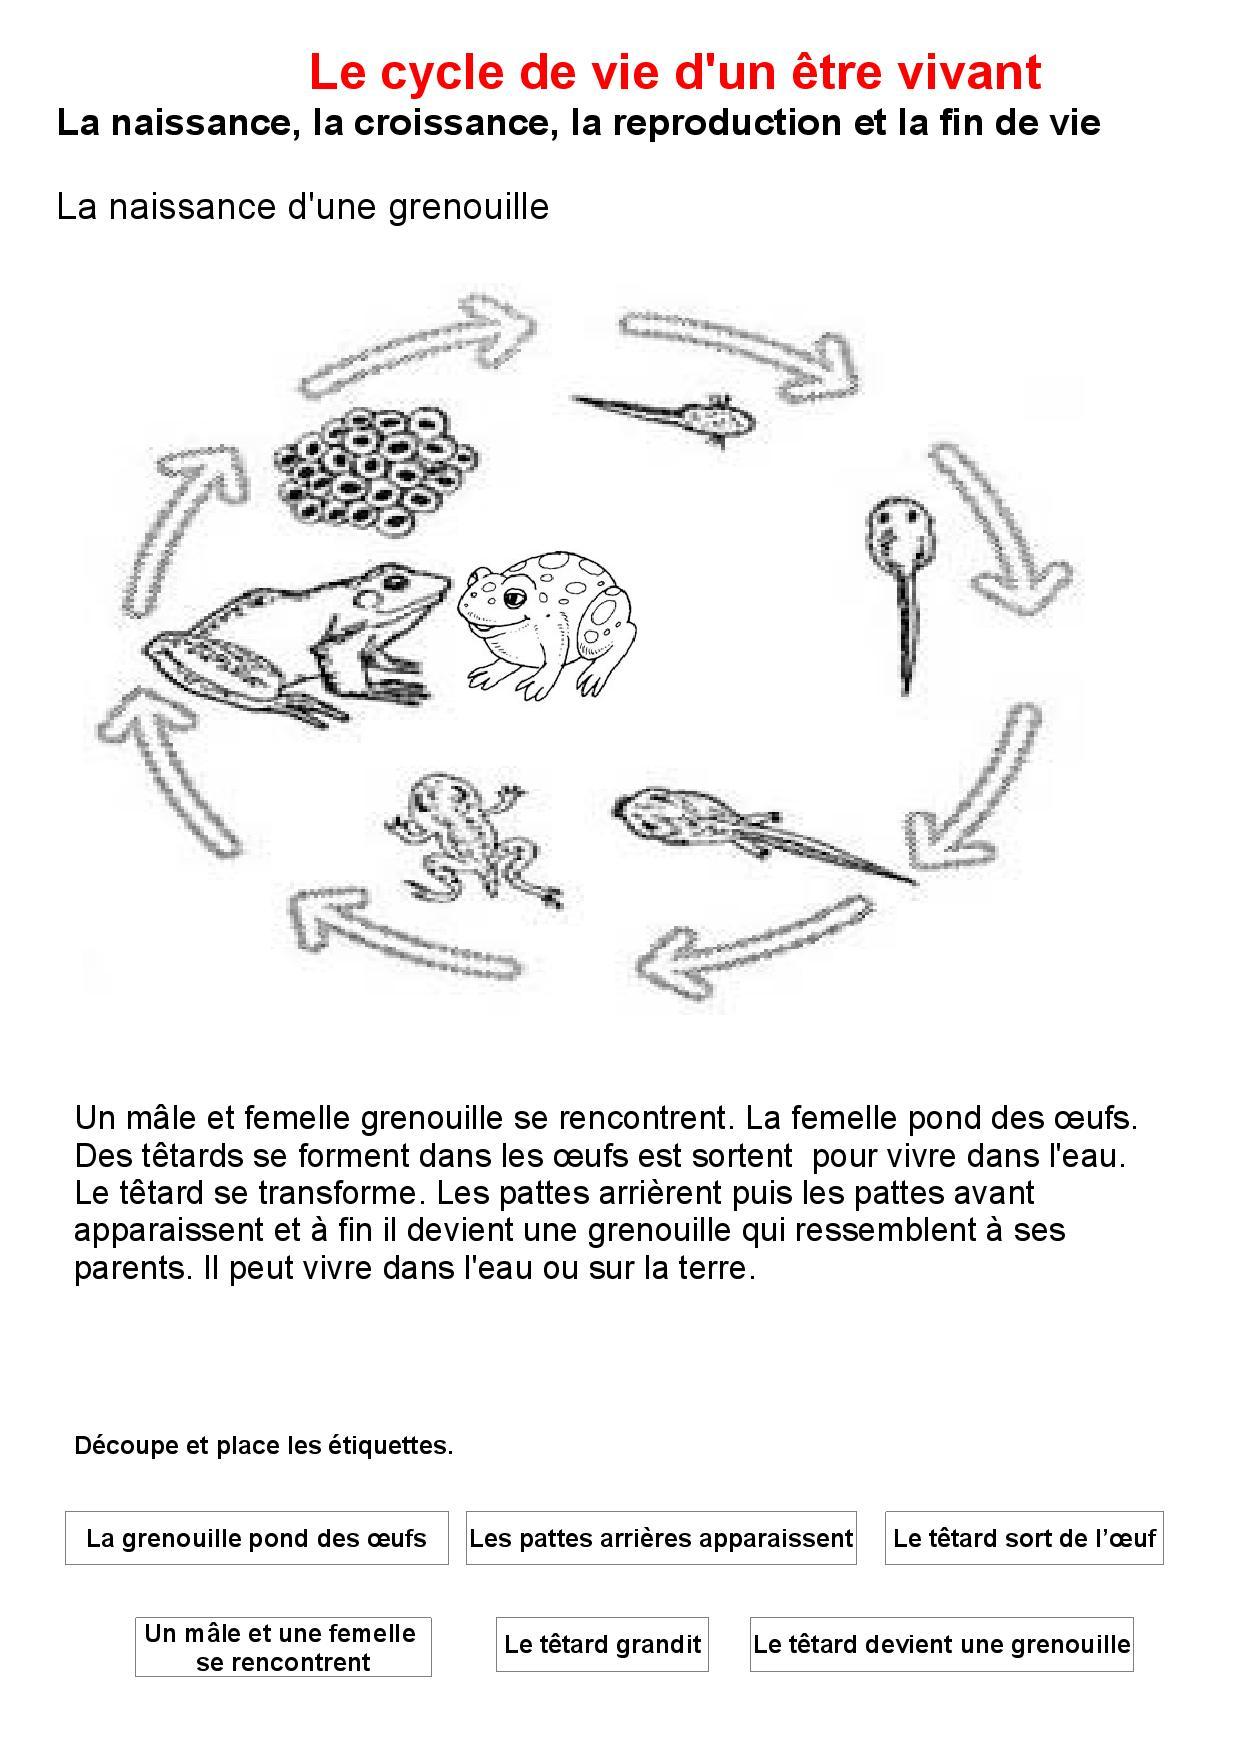 Le Cycle De Vie Des Êtres Vivants - Prepecole Pour La Classe destiné Le Cycle De Vie De La Grenouille